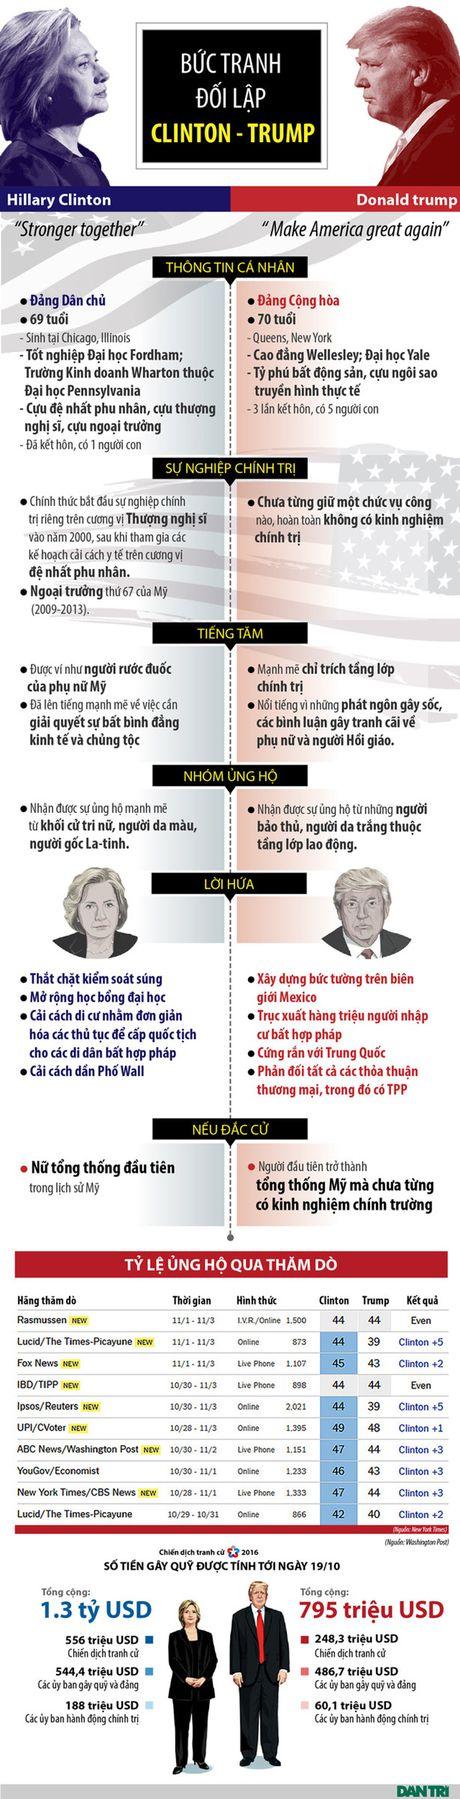 Cuoc so dau lich su Trump - Clinton - Anh 1